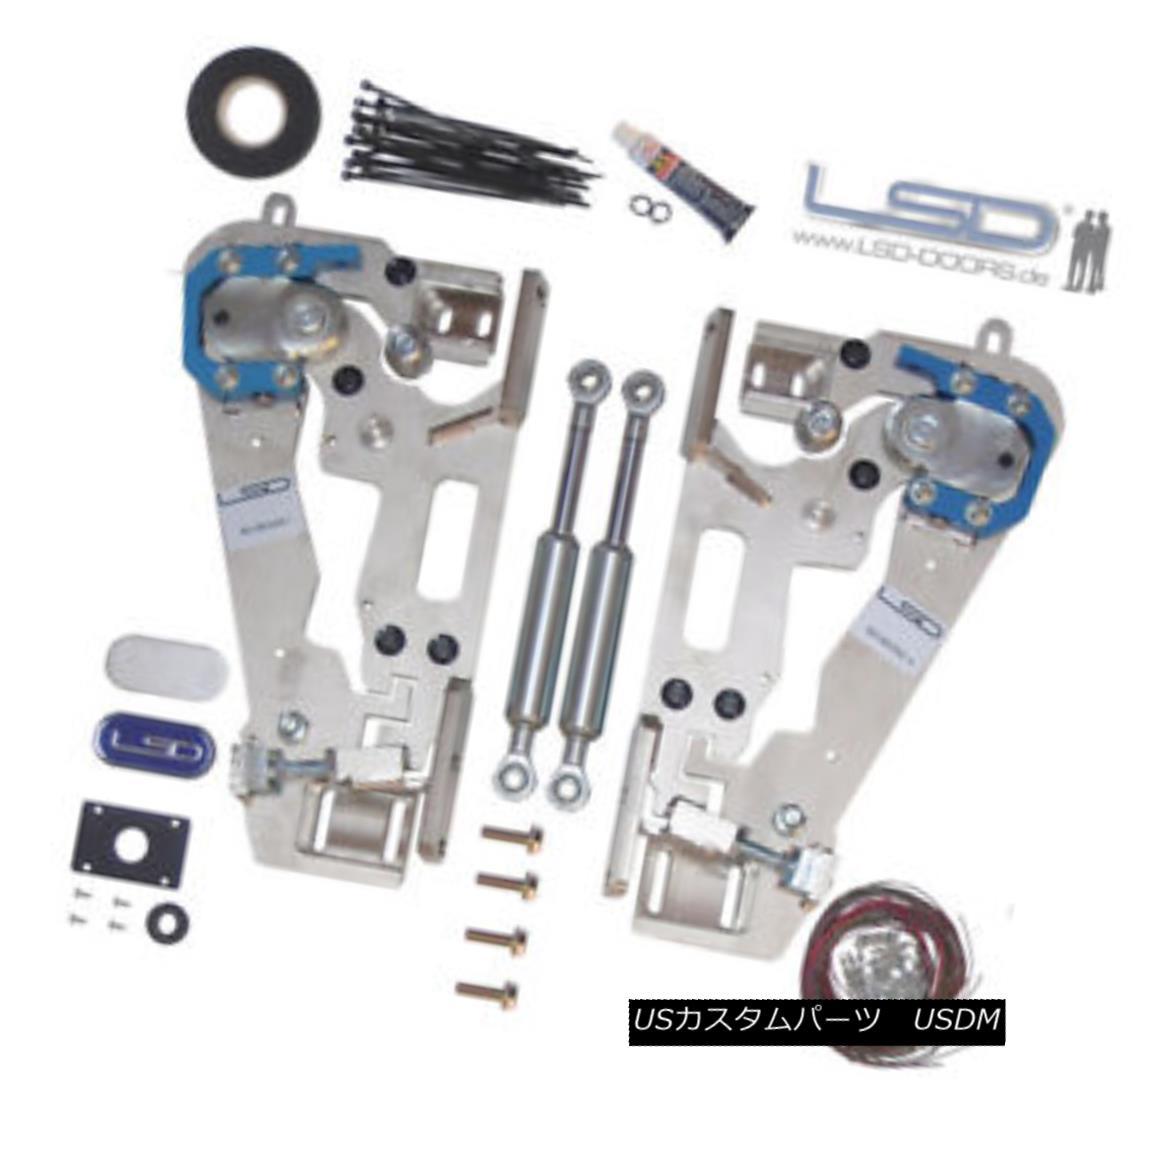 ガルウィングキット LSD Doors Lambo Style for BMW 3er Coupe E36 3 B 3 B Vertical Door Kit 5002000 BMD 3erクーペE36 3 B 3 B のためのLSDドアランボルギー様式垂